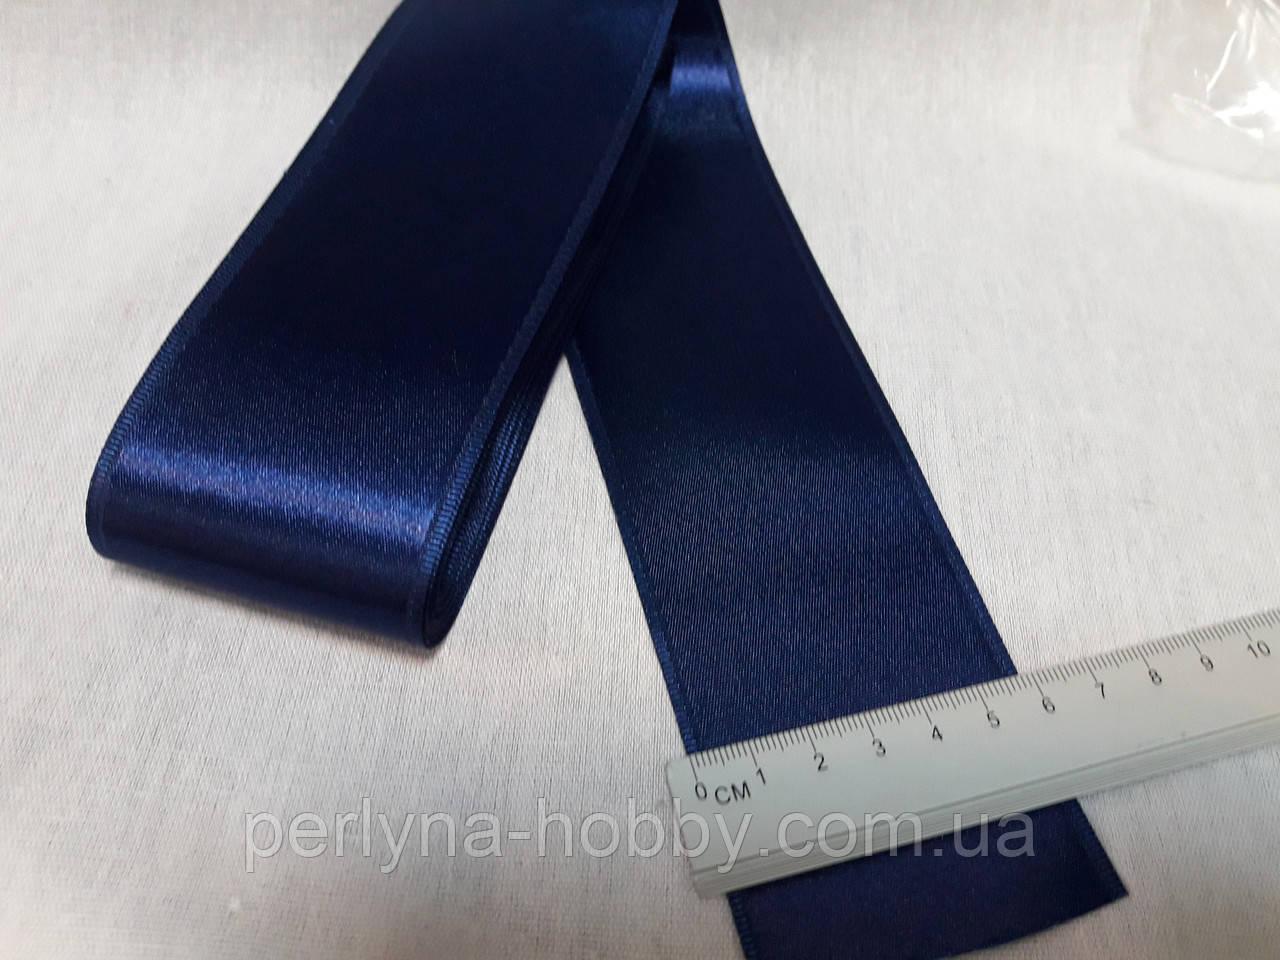 Стрічка атласна двостороння 5,7 см на метраж, синя темна